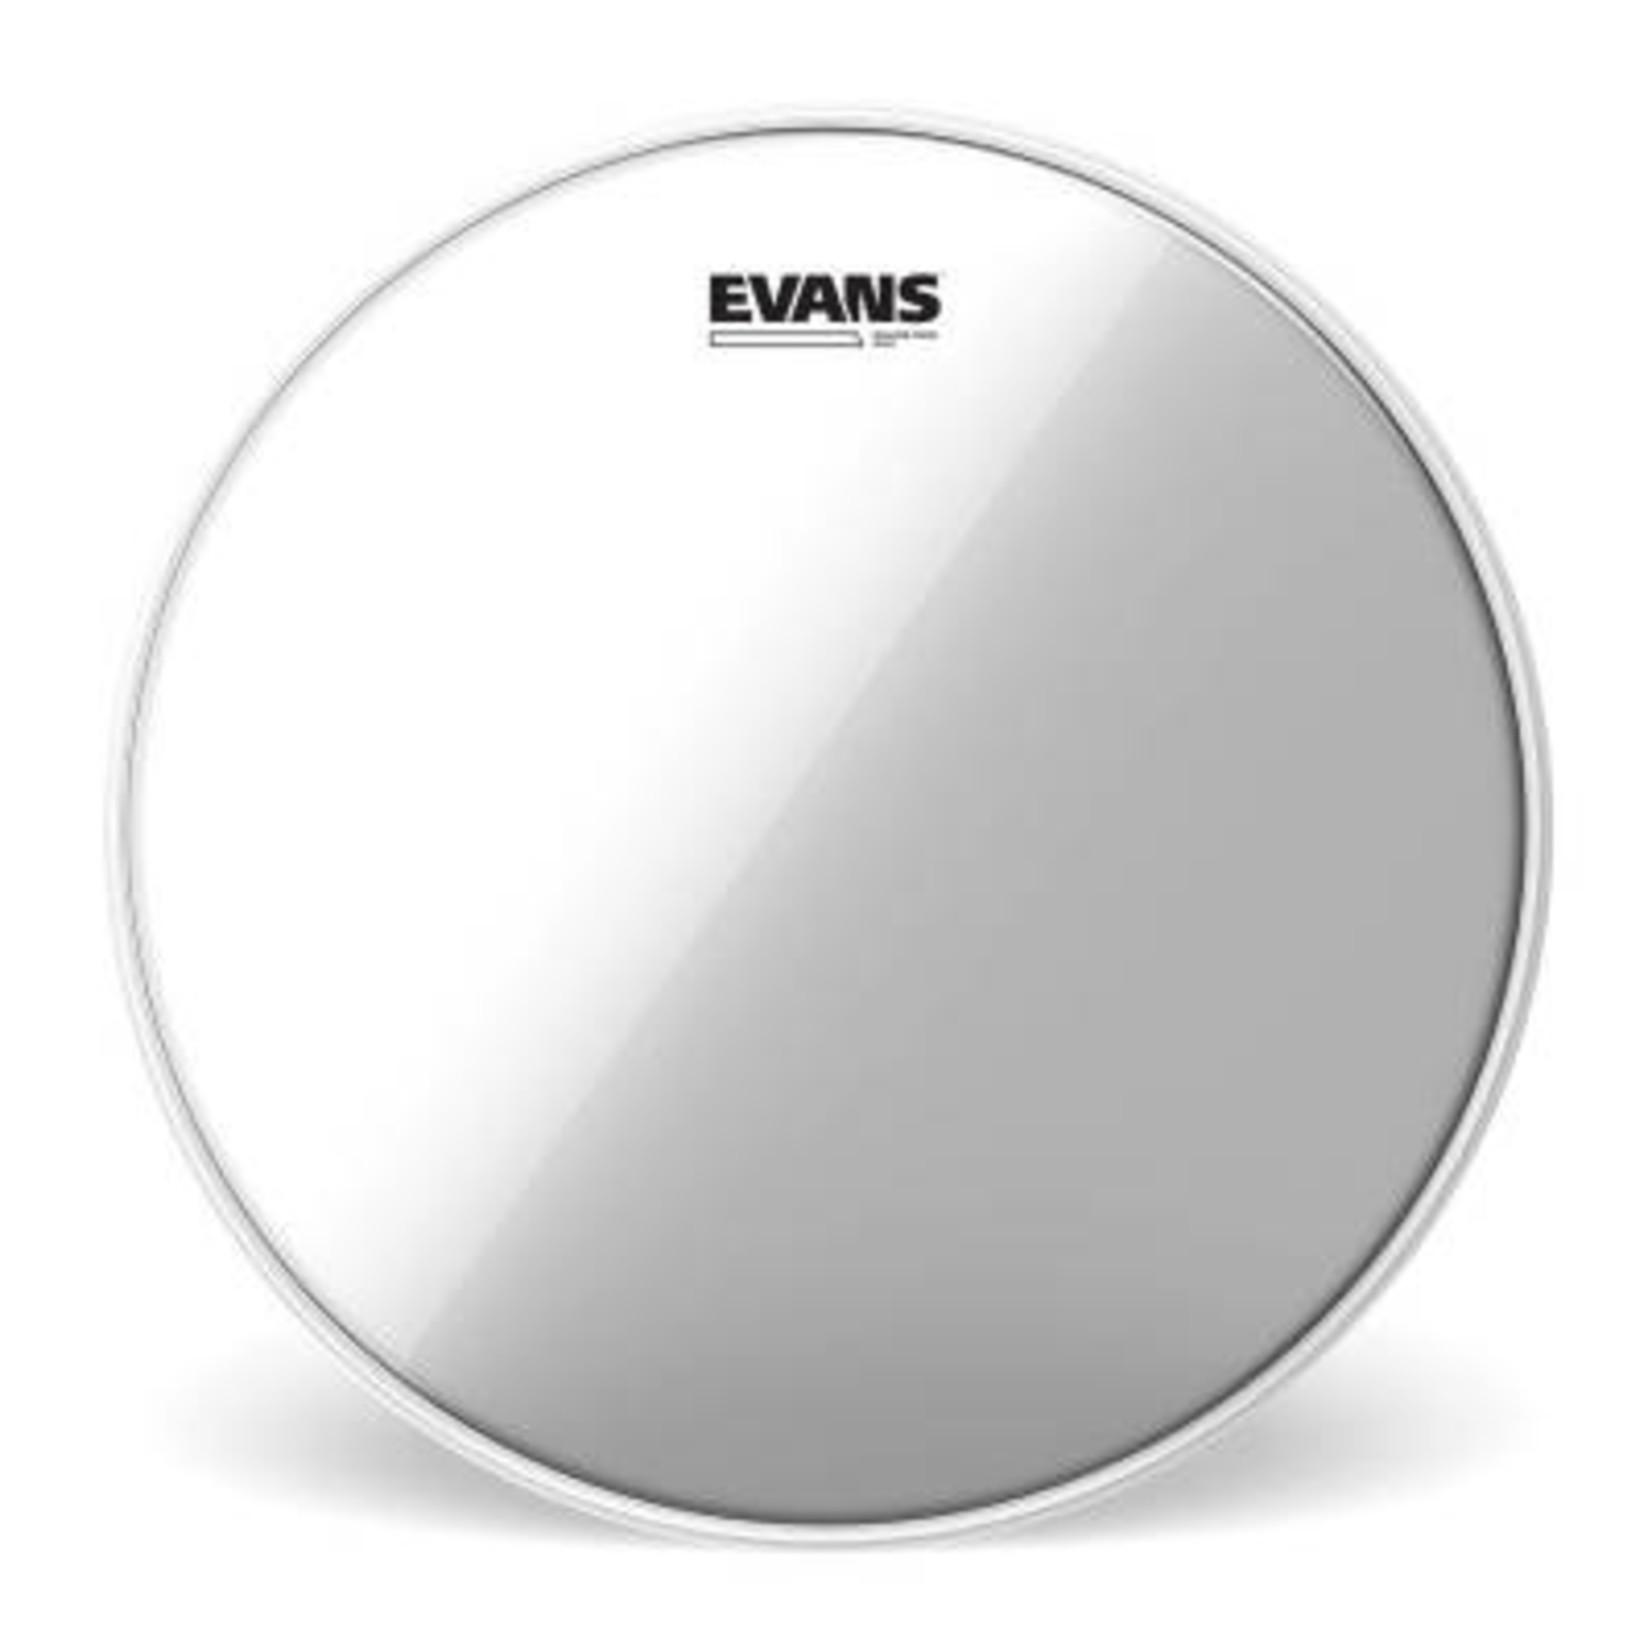 Evans Evans Glass 500 Snare Side